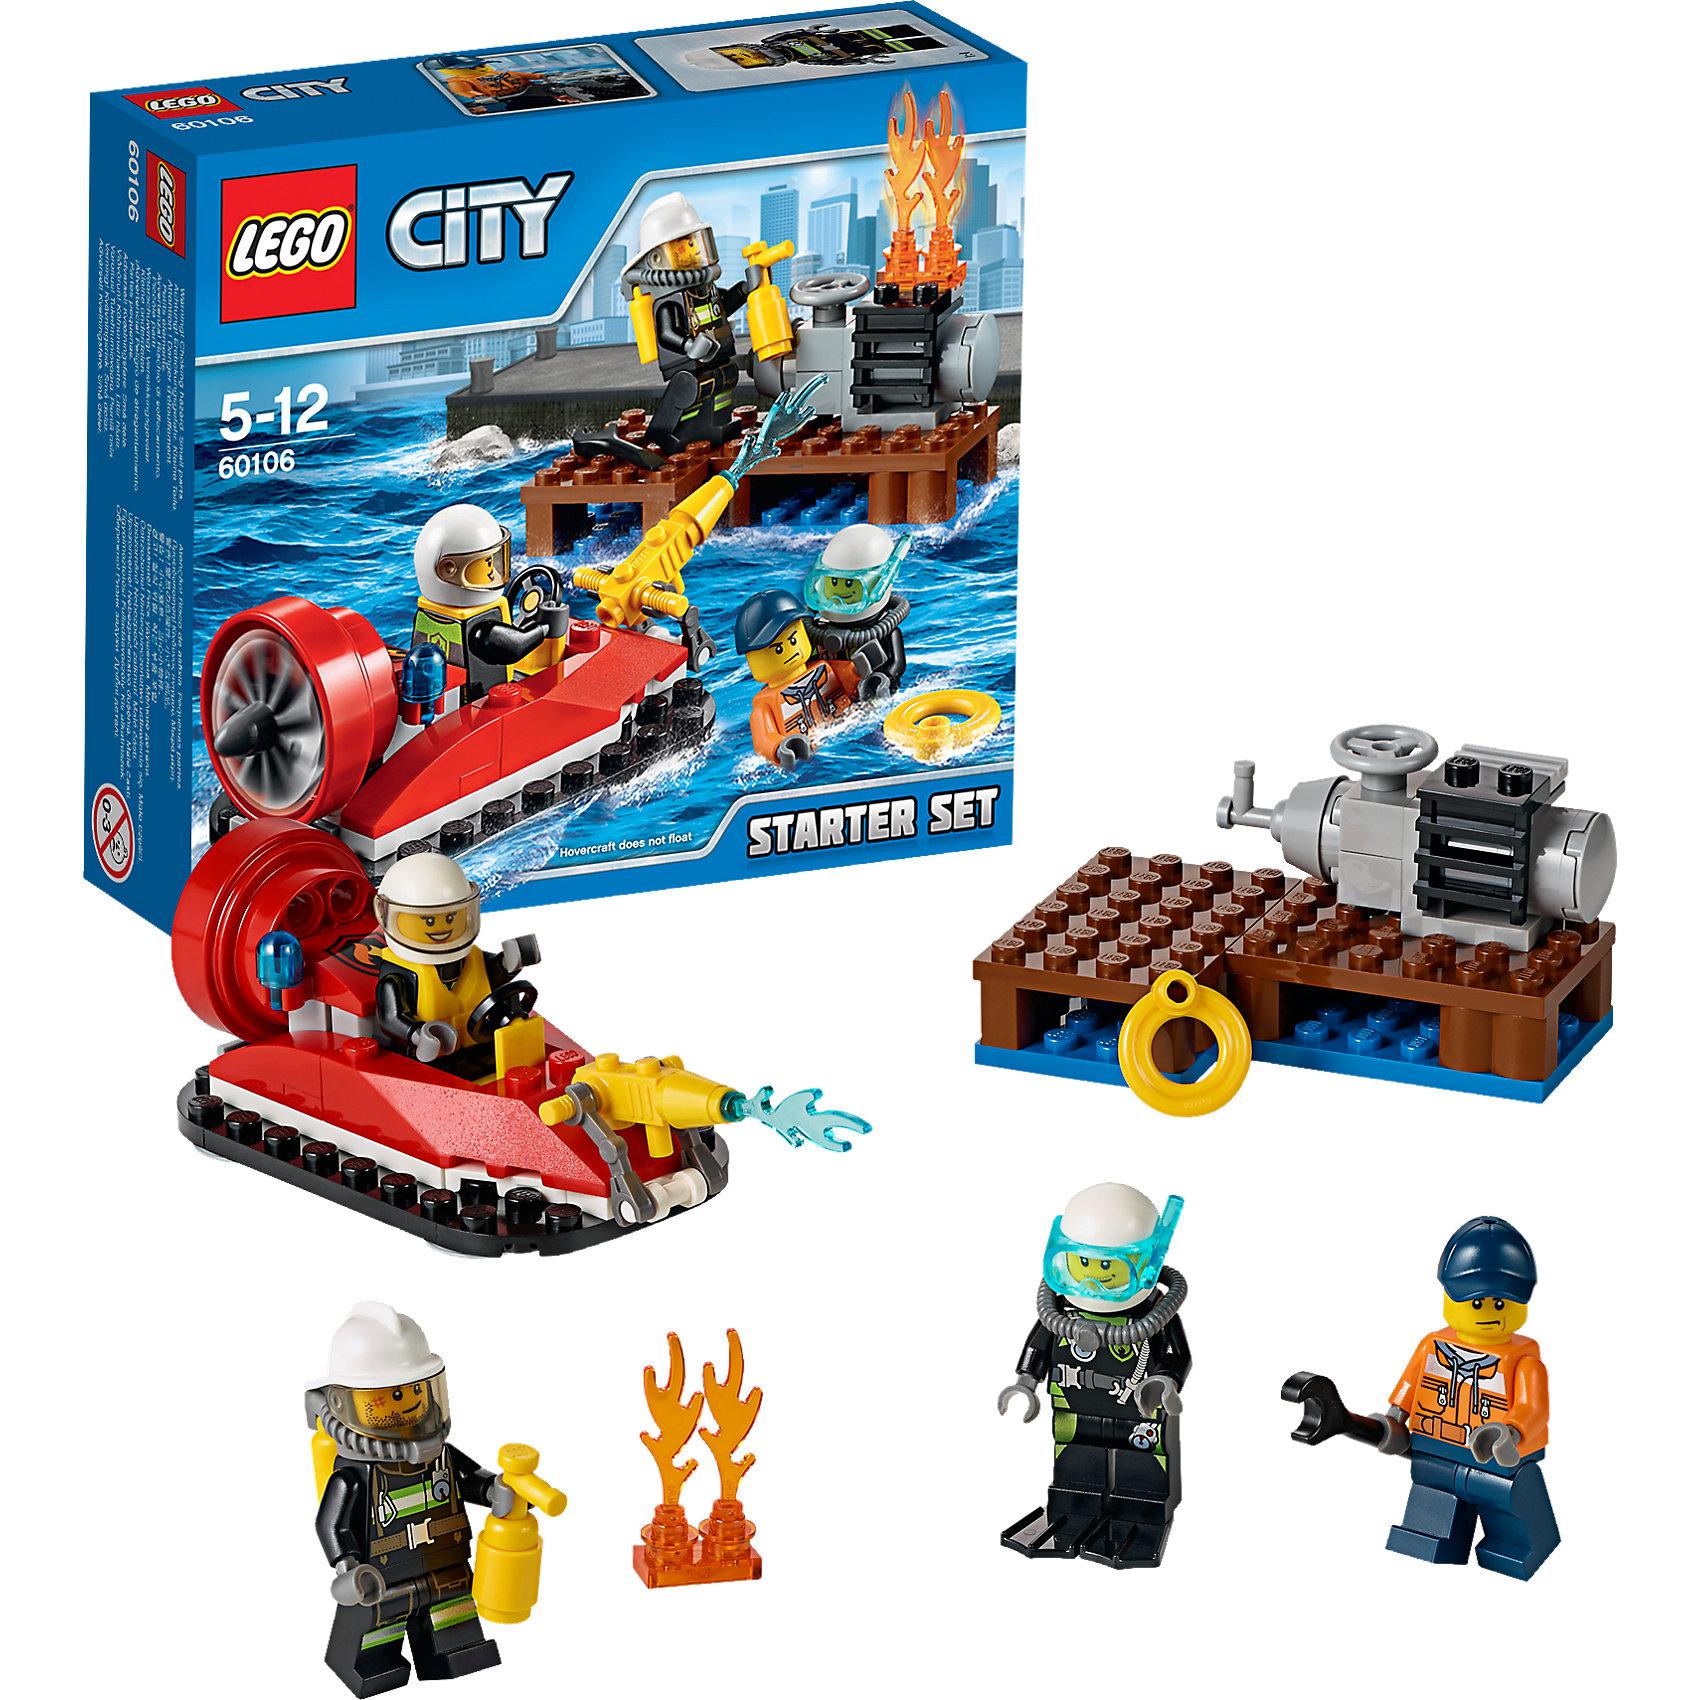 LEGO City 60106: Набор для начинающих «Пожарная охрана»LEGO City (ЛЕГО Сити) 60106: Набор для начинающих Пожарная охрана станет прекрасным подарком для маленьких любителей конструирования. На морском пирсе Лего Сити, где механик чинил двигатель, произошло возгорание. На помощь рабочему уже спешит специальный отряд отважных пожарных на лодке. Помоги им потушить огонь и спасти механика! Набор отличается простотой сборки и прекрасно подходит для начинающих. Из деталей конструктора Вы легко сможете собрать катер на воздушной подушке и деревянный пирс. Ярко-красный катер оснащен местом водителя с рулевым управлением, сзади располагаются сигнальные огни и мощный мотор с большим вращающимся пропеллером, спереди предусмотрено крепление для брандспойта. В комплект также входят различные игровые аксессуары (огнетушитель, спасательный круг, гаечный ключ и другие) и четыре минифигурки: рабочий, двое пожарных и аквалангист.<br><br>Серия конструкторов  LEGO City позволяет почувствовать себя инженером и архитектором, строителем или мэром города. Вы можете создавать свой город мечты, развивать городскую инфраструктуру, строить дороги и здания, управлять городским хозяйством и следить за порядком.<br>В игровых наборах с разнообразными сюжетами много интересных персонажей, оригинальных объектов и городской техники. Это уникальная возможность для ребенка развивать фантазию и логическое мышление, узнавать и осваивать разные профессии.<br><br>Дополнительная информация:<br><br>- Игра с конструктором LEGO (ЛЕГО) развивает мелкую моторику ребенка, фантазию и воображение, учит его усидчивости и внимательности.<br>- Количество деталей: 90.<br>- Количество минифигур: 4.<br>- Серия: LEGO City (ЛЕГО Сити).<br>- Материал: пластик.<br>- Размер собранного катера: 4 х 10 х 4 см.<br>- Размер упаковки: 16 х 4,5 х 14 см.<br>- Вес: 0,135 кг.<br><br>LEGO City (ЛЕГО Сити) 60106: Набор для начинающих Пожарная охрана можно купить в нашем интернет-магазине.<br><br>Ширина мм: 160<br>Глубина мм: 139<br>Высота